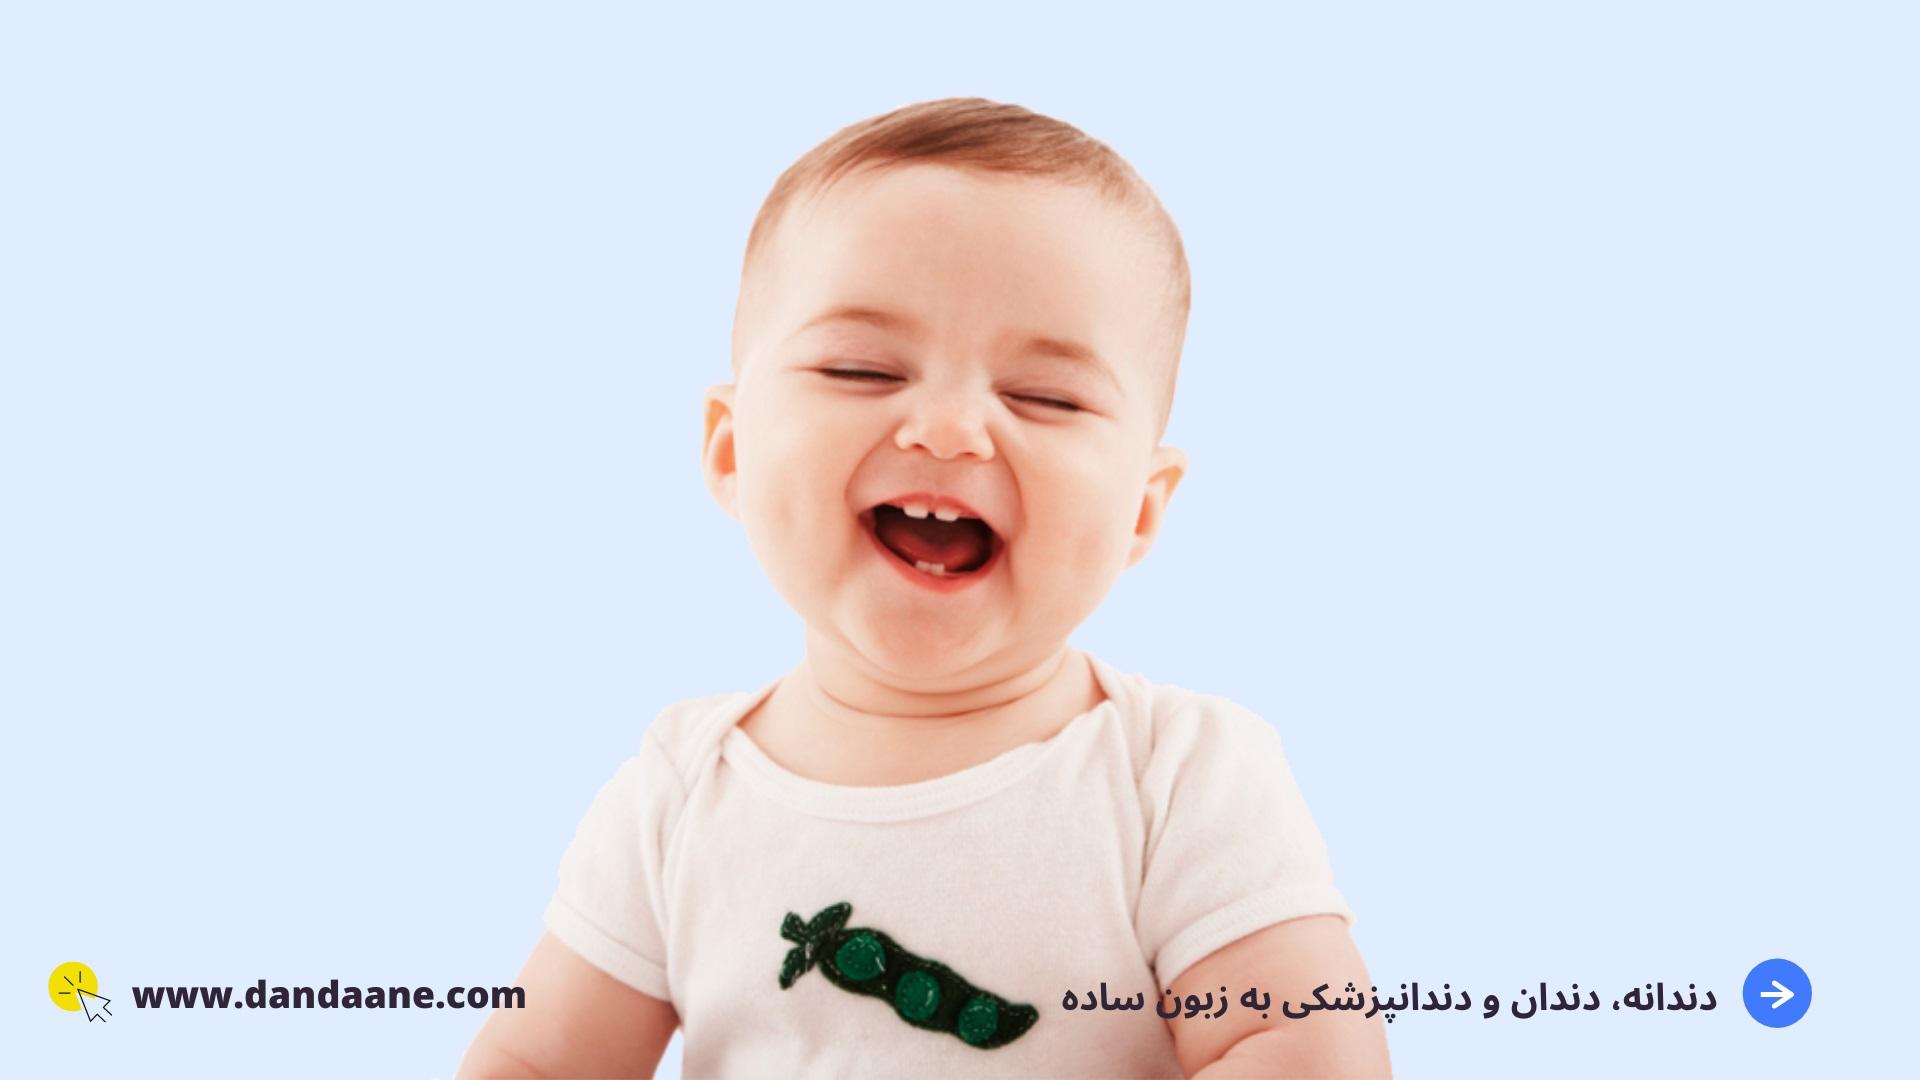 دندان در آوردن کودکان